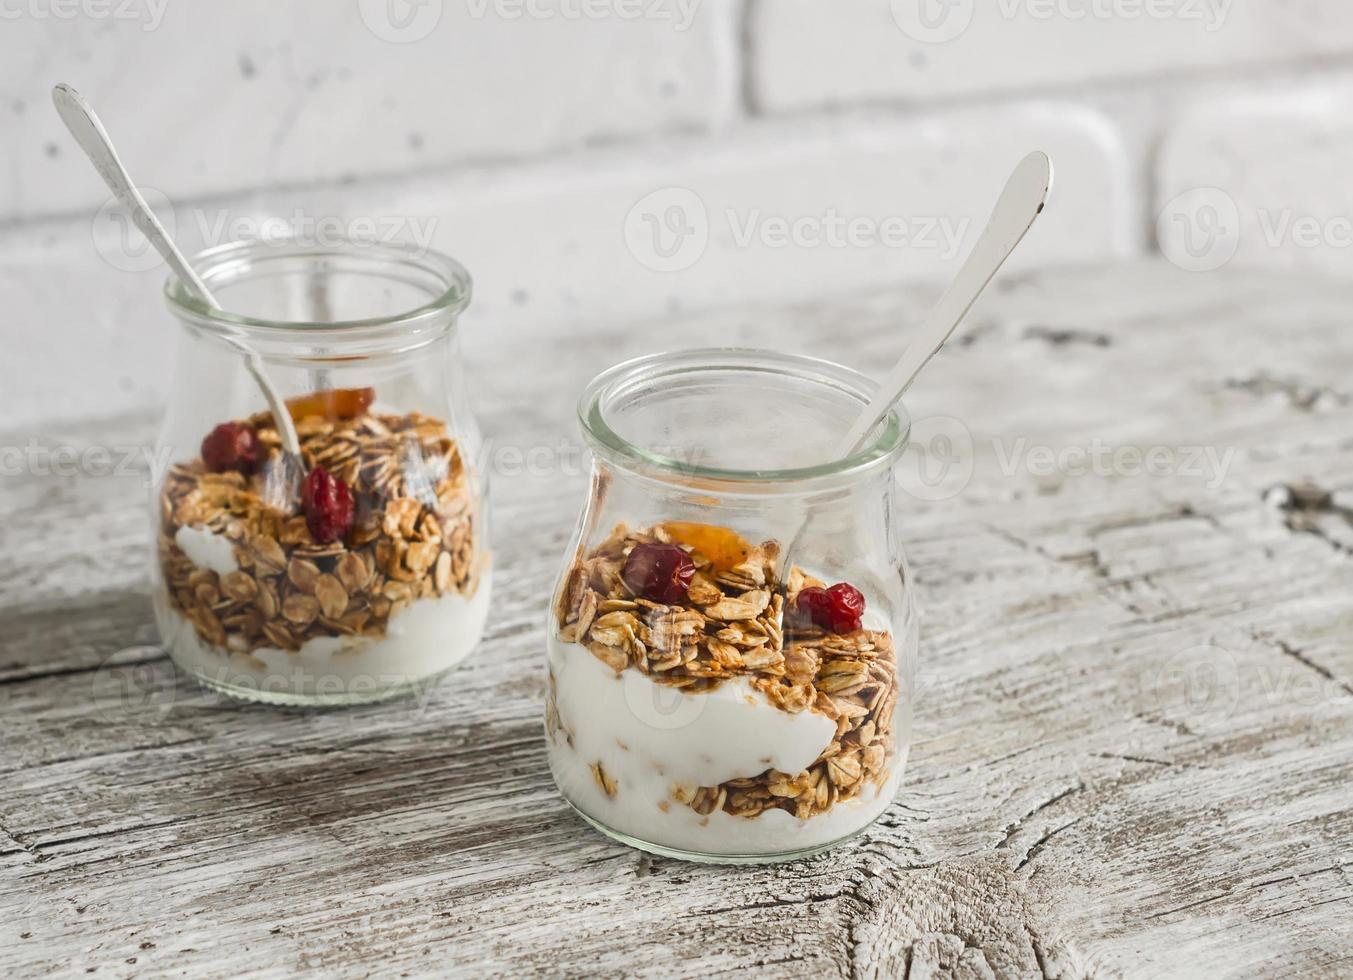 granola caseira e iogurte natural. comida saudável foto